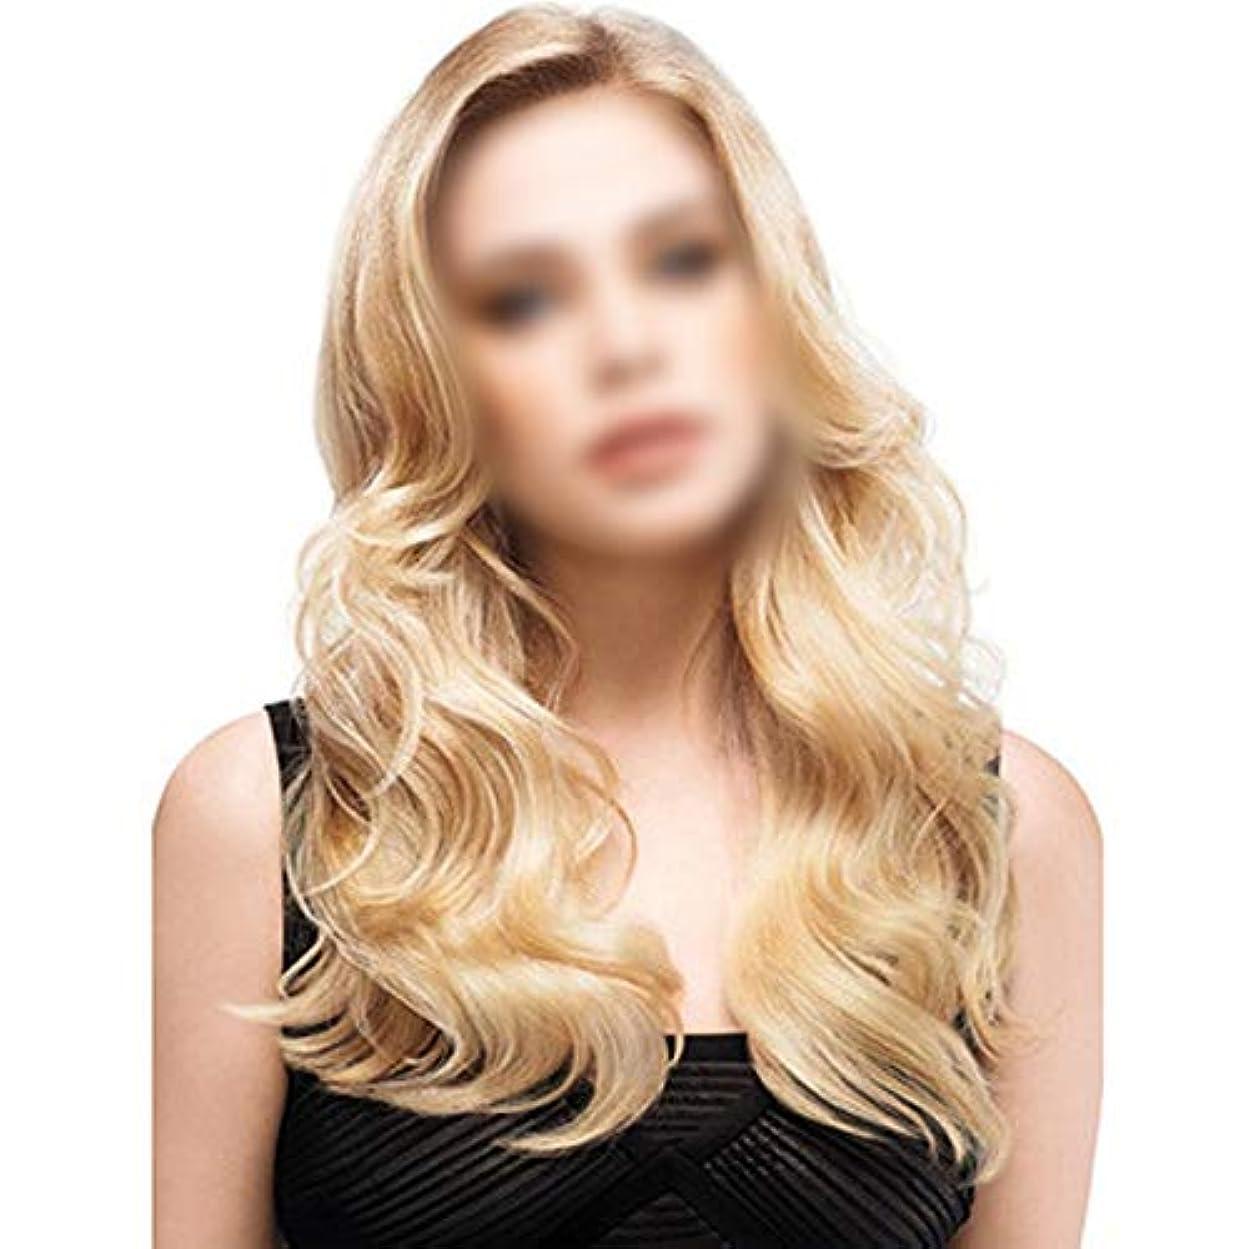 レザーましいマルクス主義者WASAIO 女性のためのスタイルの交換のための長い巻き毛の波状のブロンドのかつらアクセサリー毎日のドレス耐熱繊維+キャップ (色 : Blonde, サイズ : 65cm)